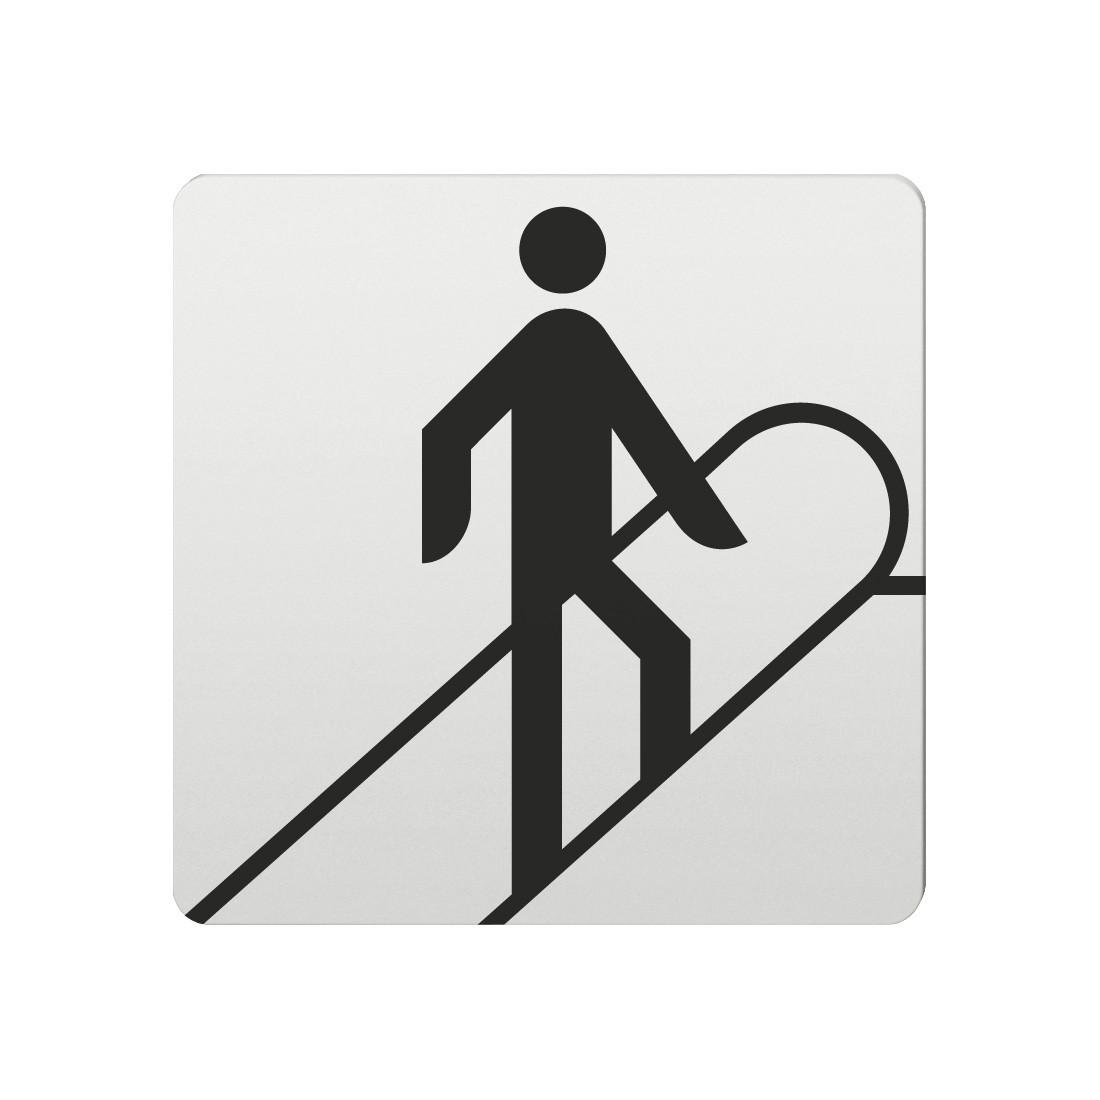 FSB Hinweiszeichen Rolltreppe nach oben Lasergraviert Aluminium naturfarbig (0 36 4059 00016 0105)